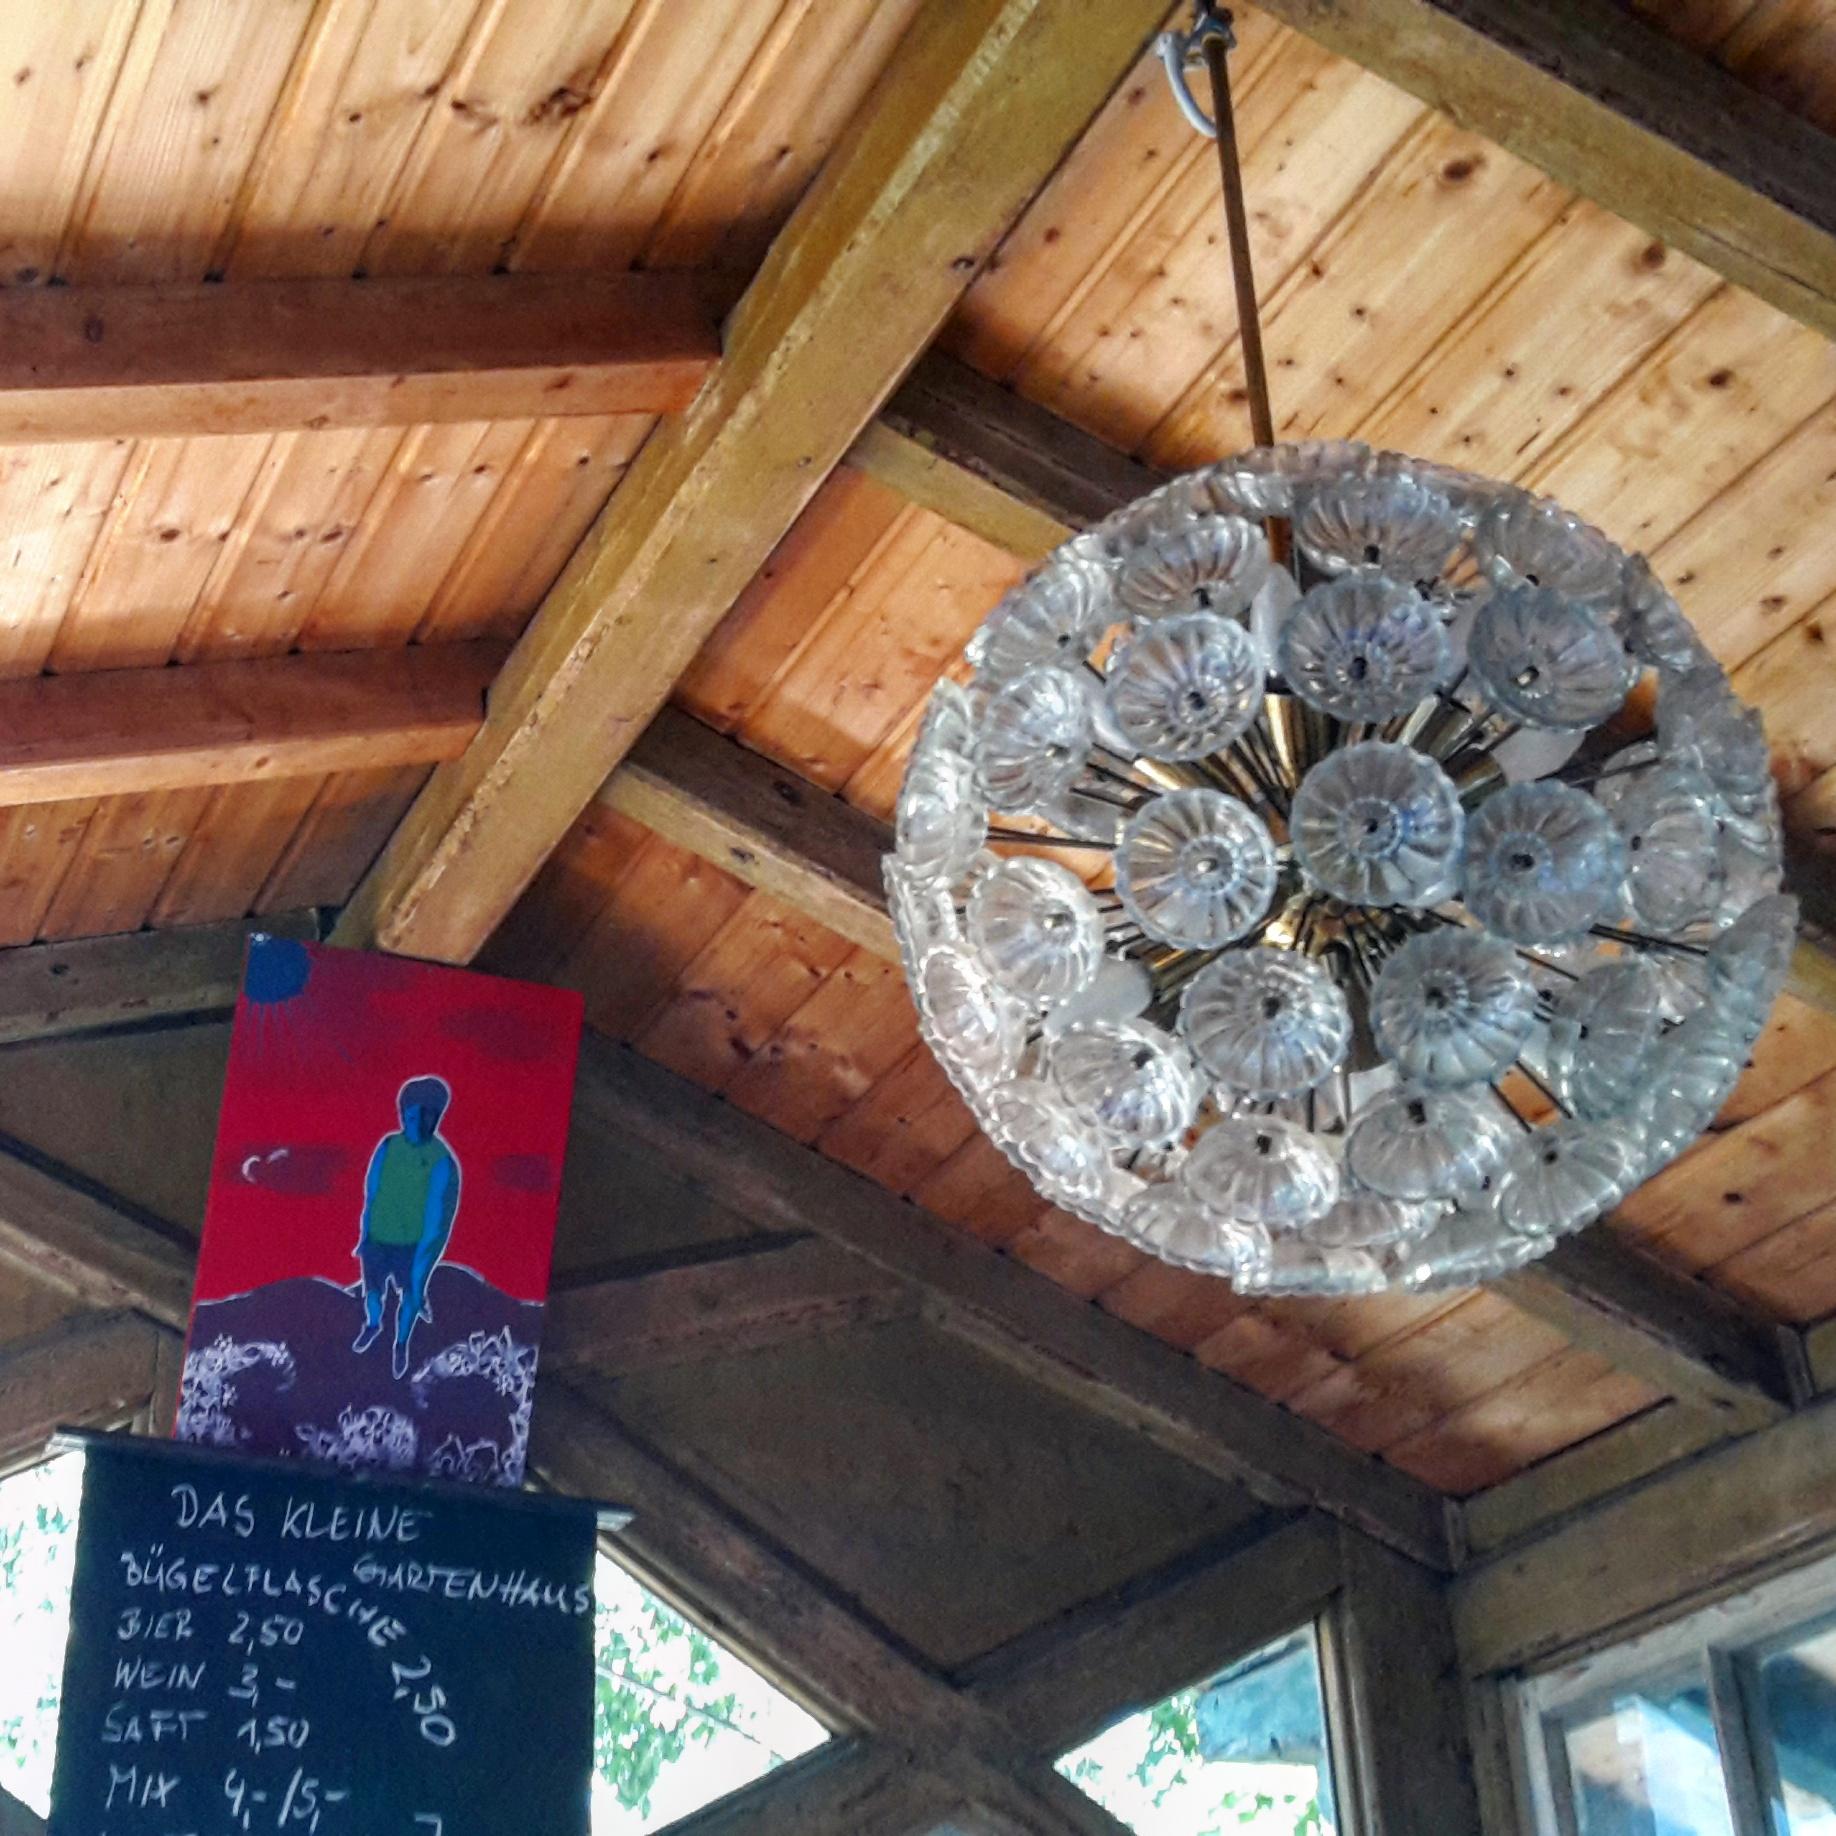 auf ein feierabend-bier im kleinen gartenhaus – feels like erfurt